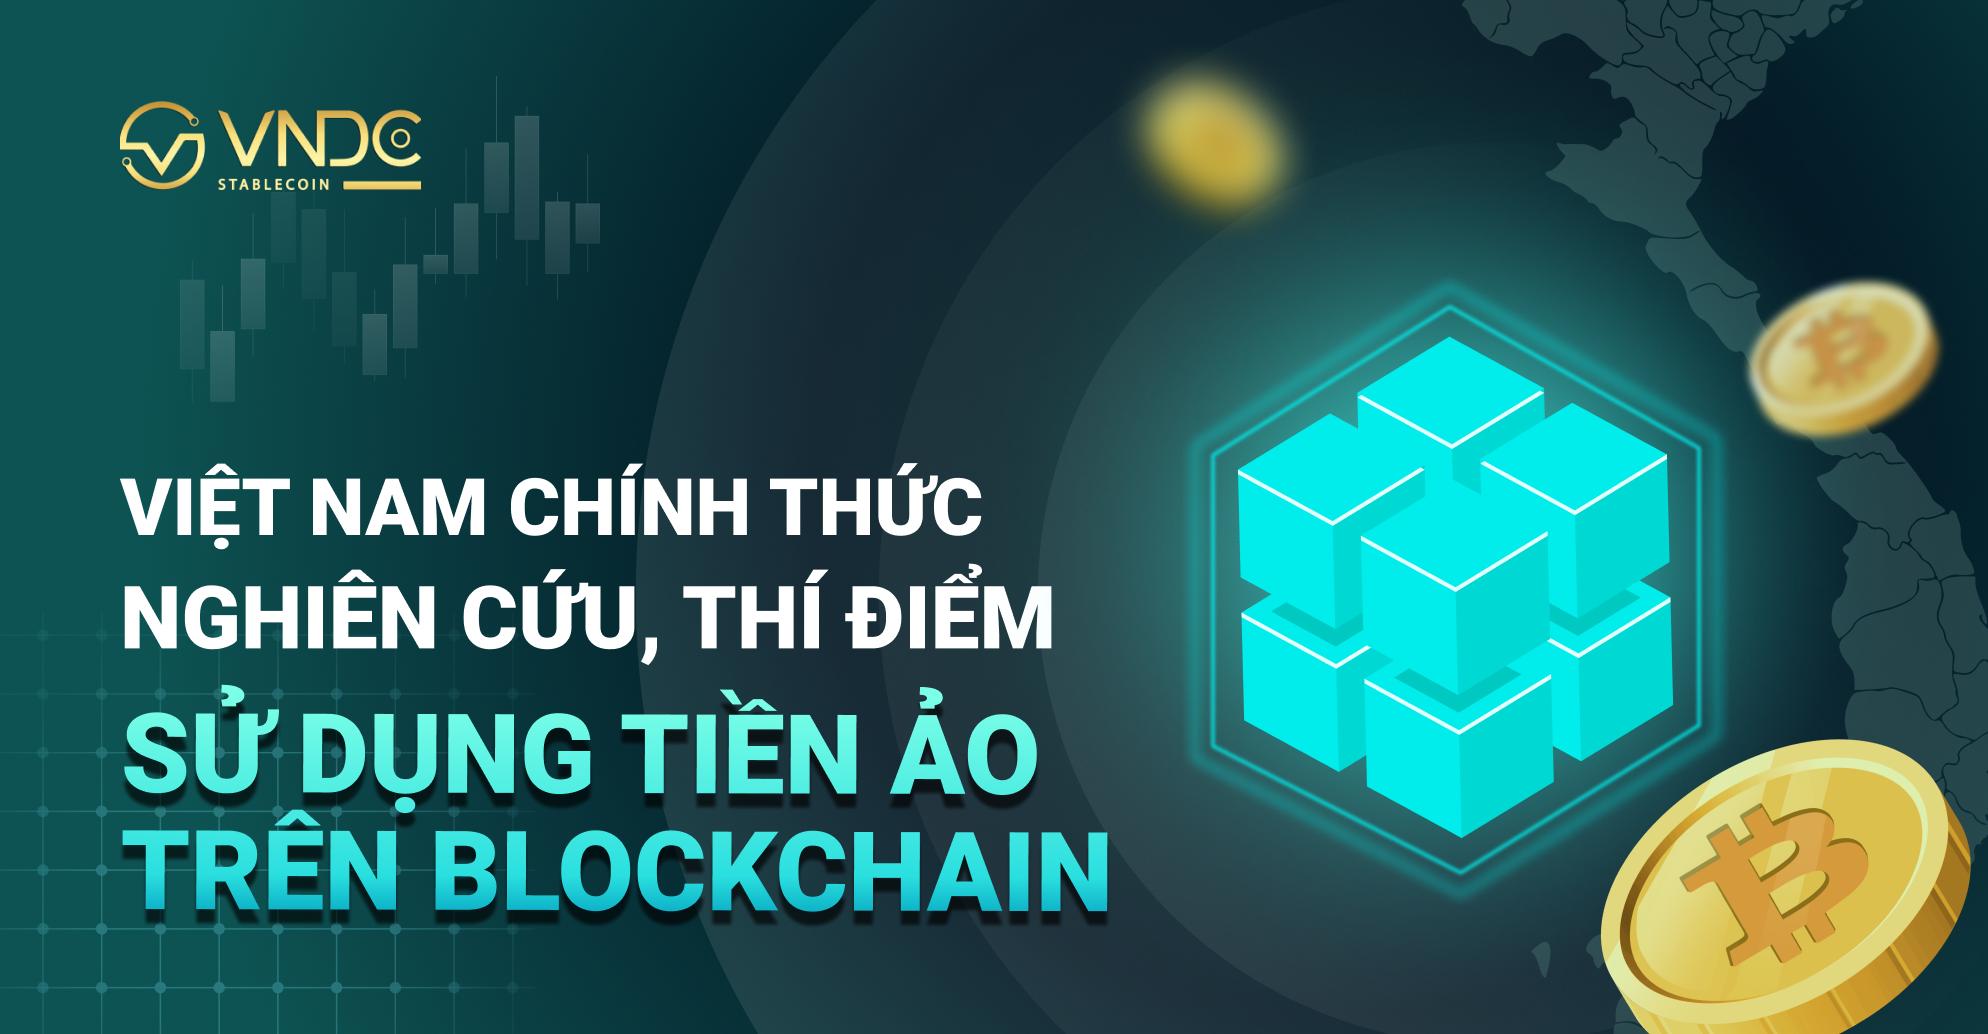 Việt Nam chính thức nghiên cứu, thí điểm sử dụng tiền ảo trên Blockchain